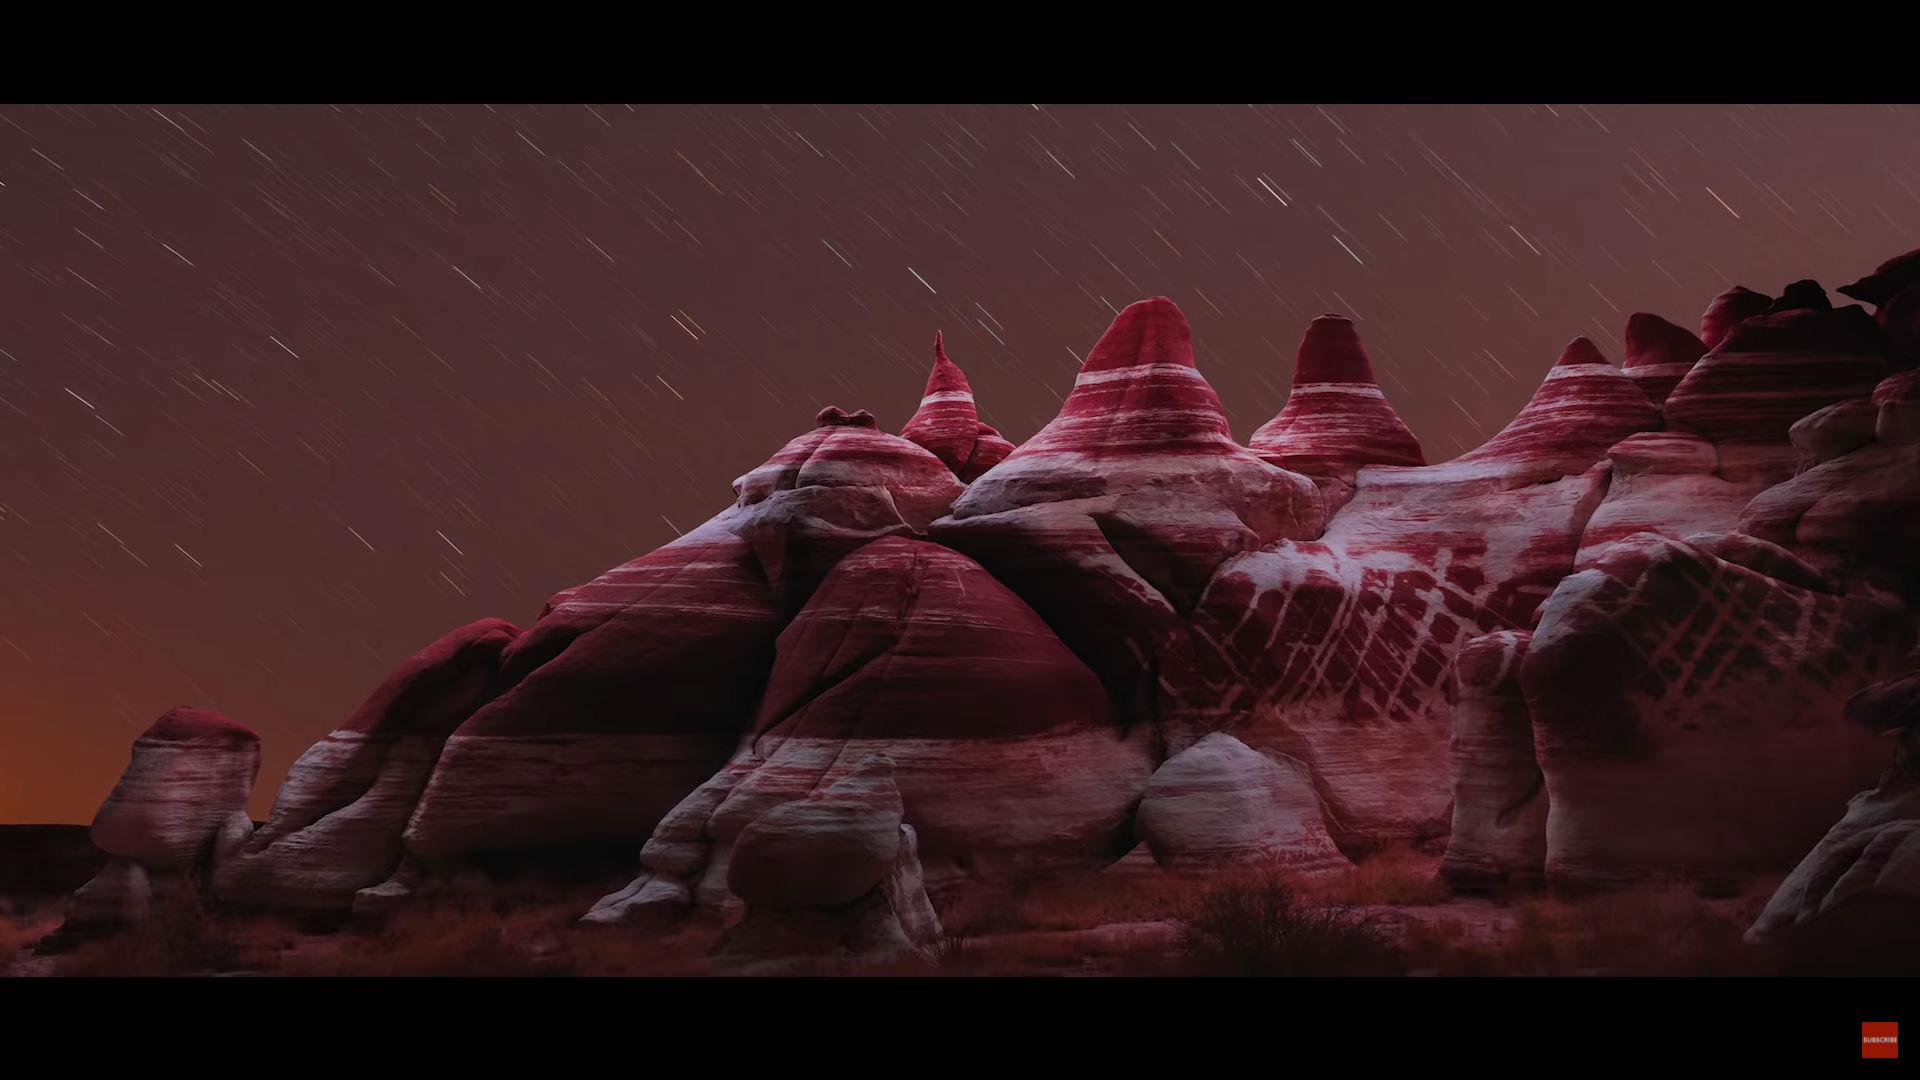 nighttime landscape photography image